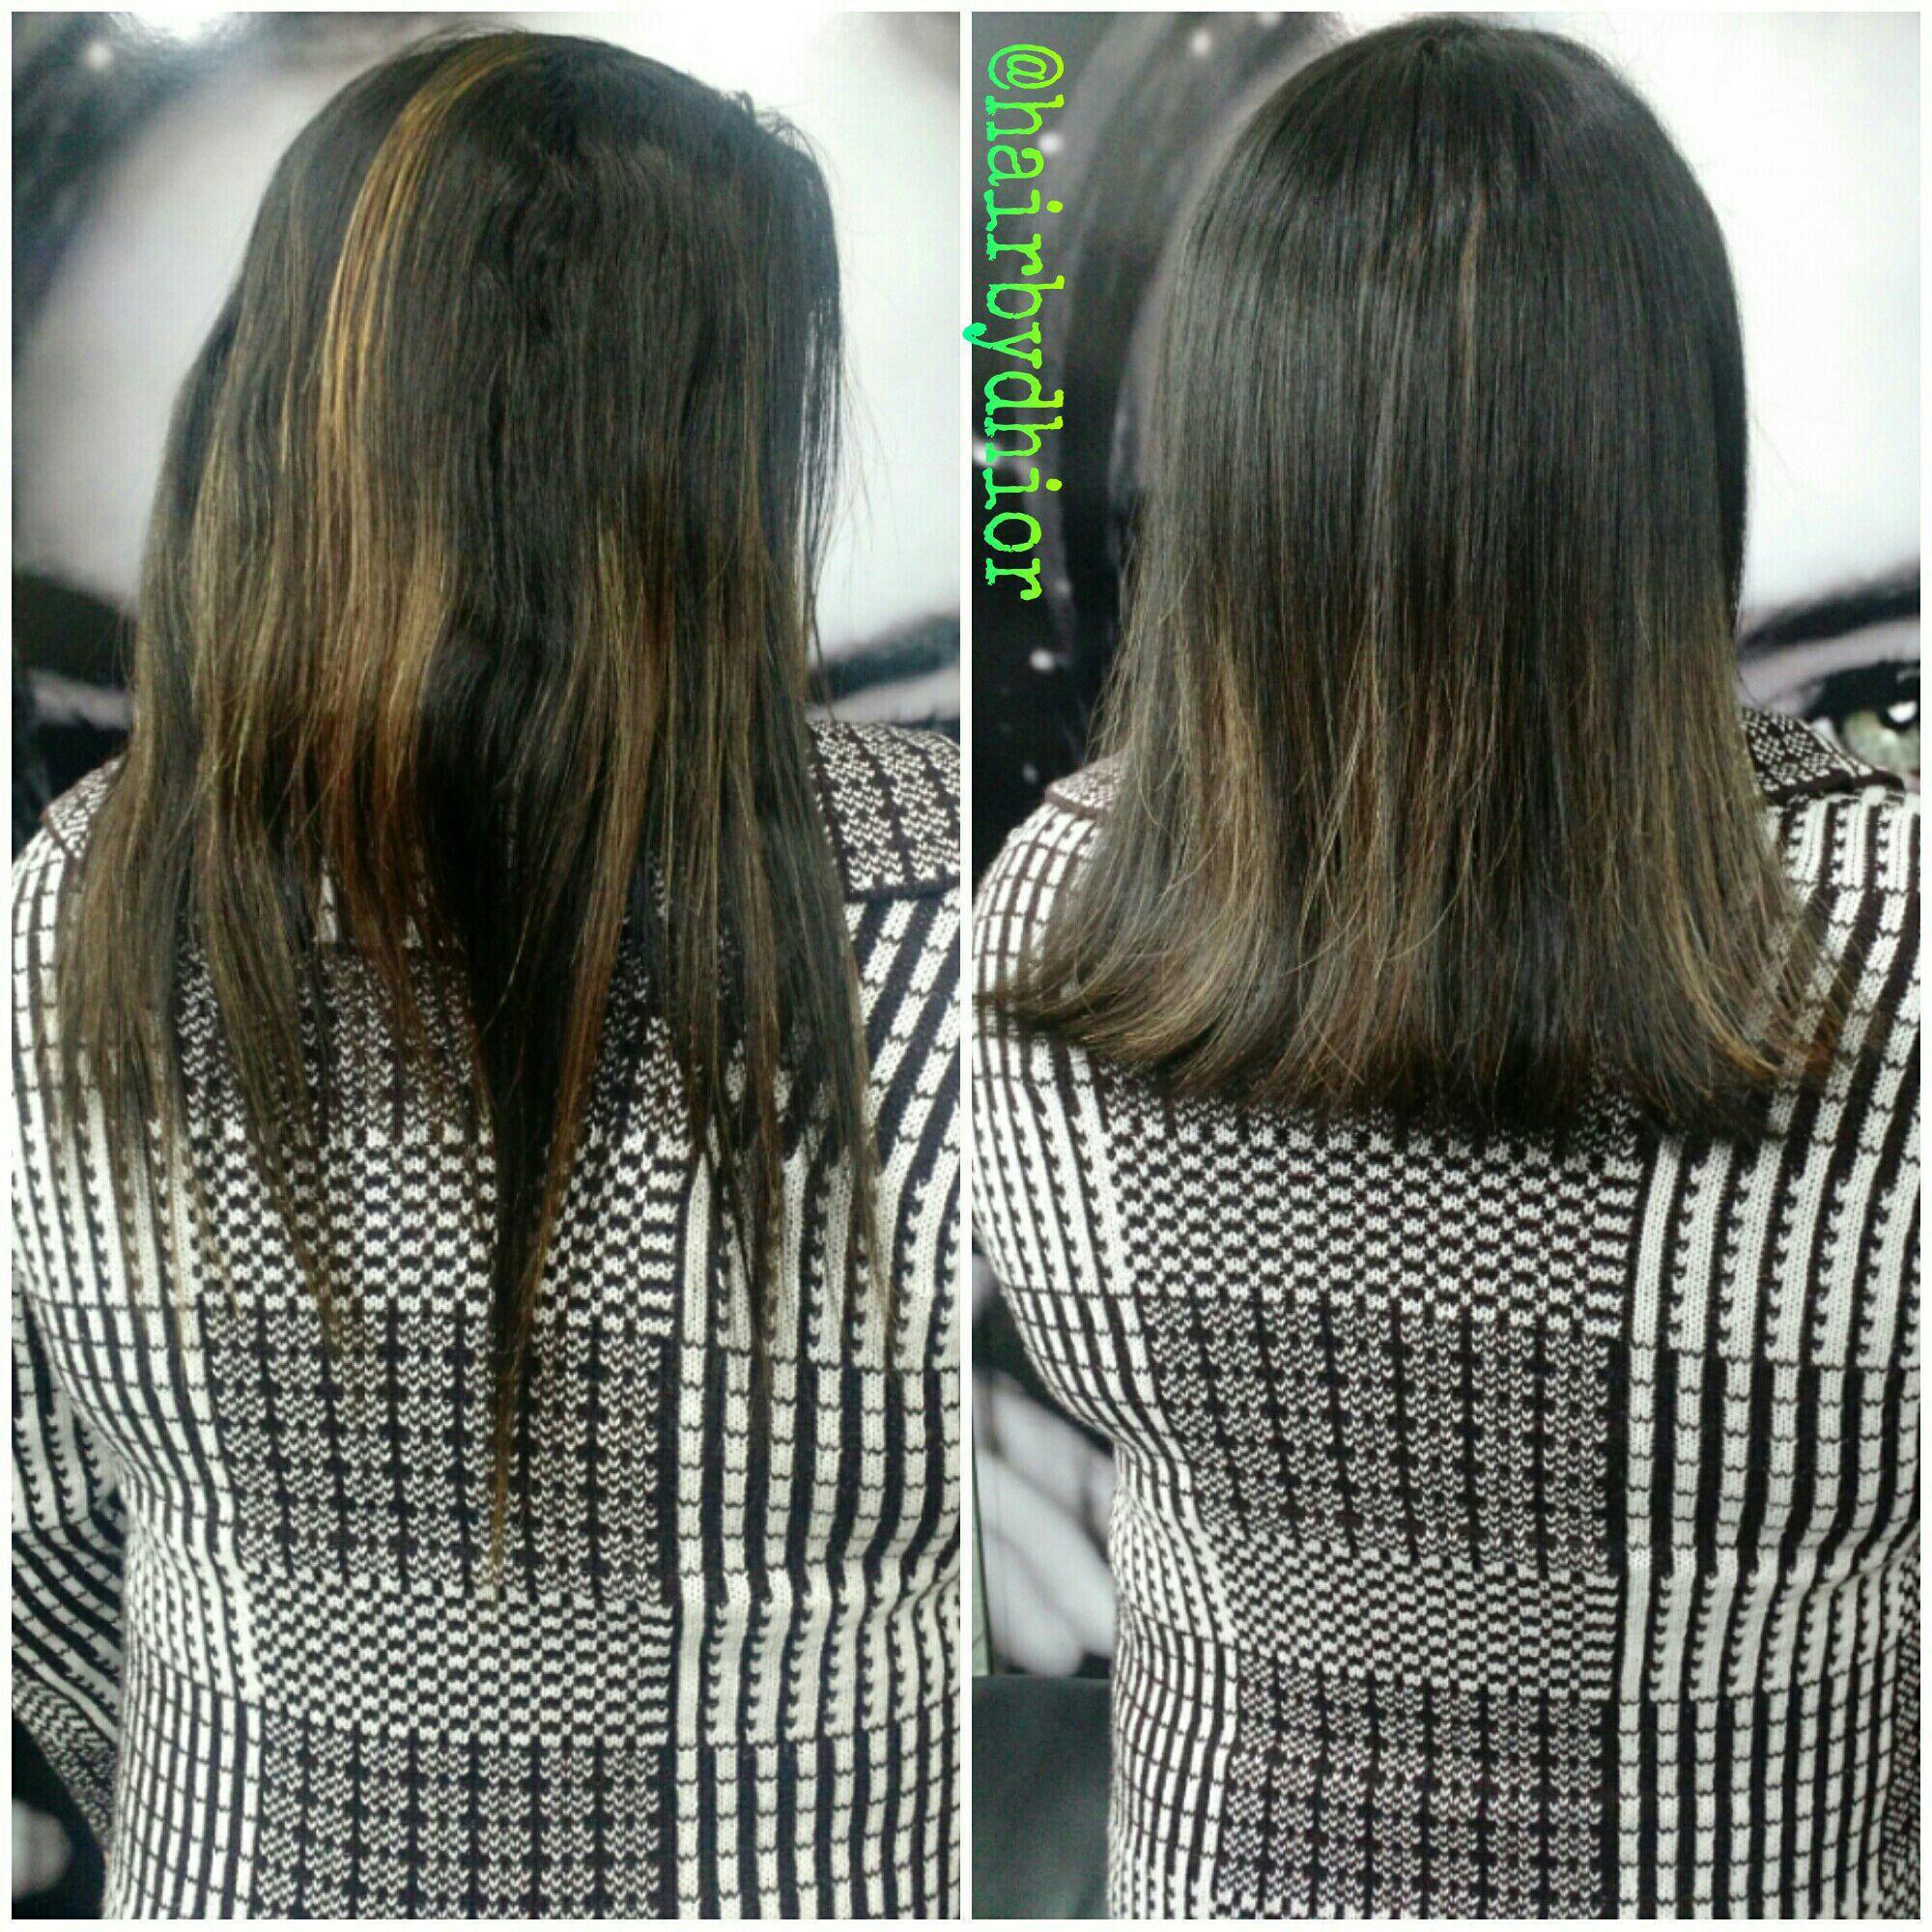 Hidratação mais Corte e Escova cabelo cabeleireiro(a)